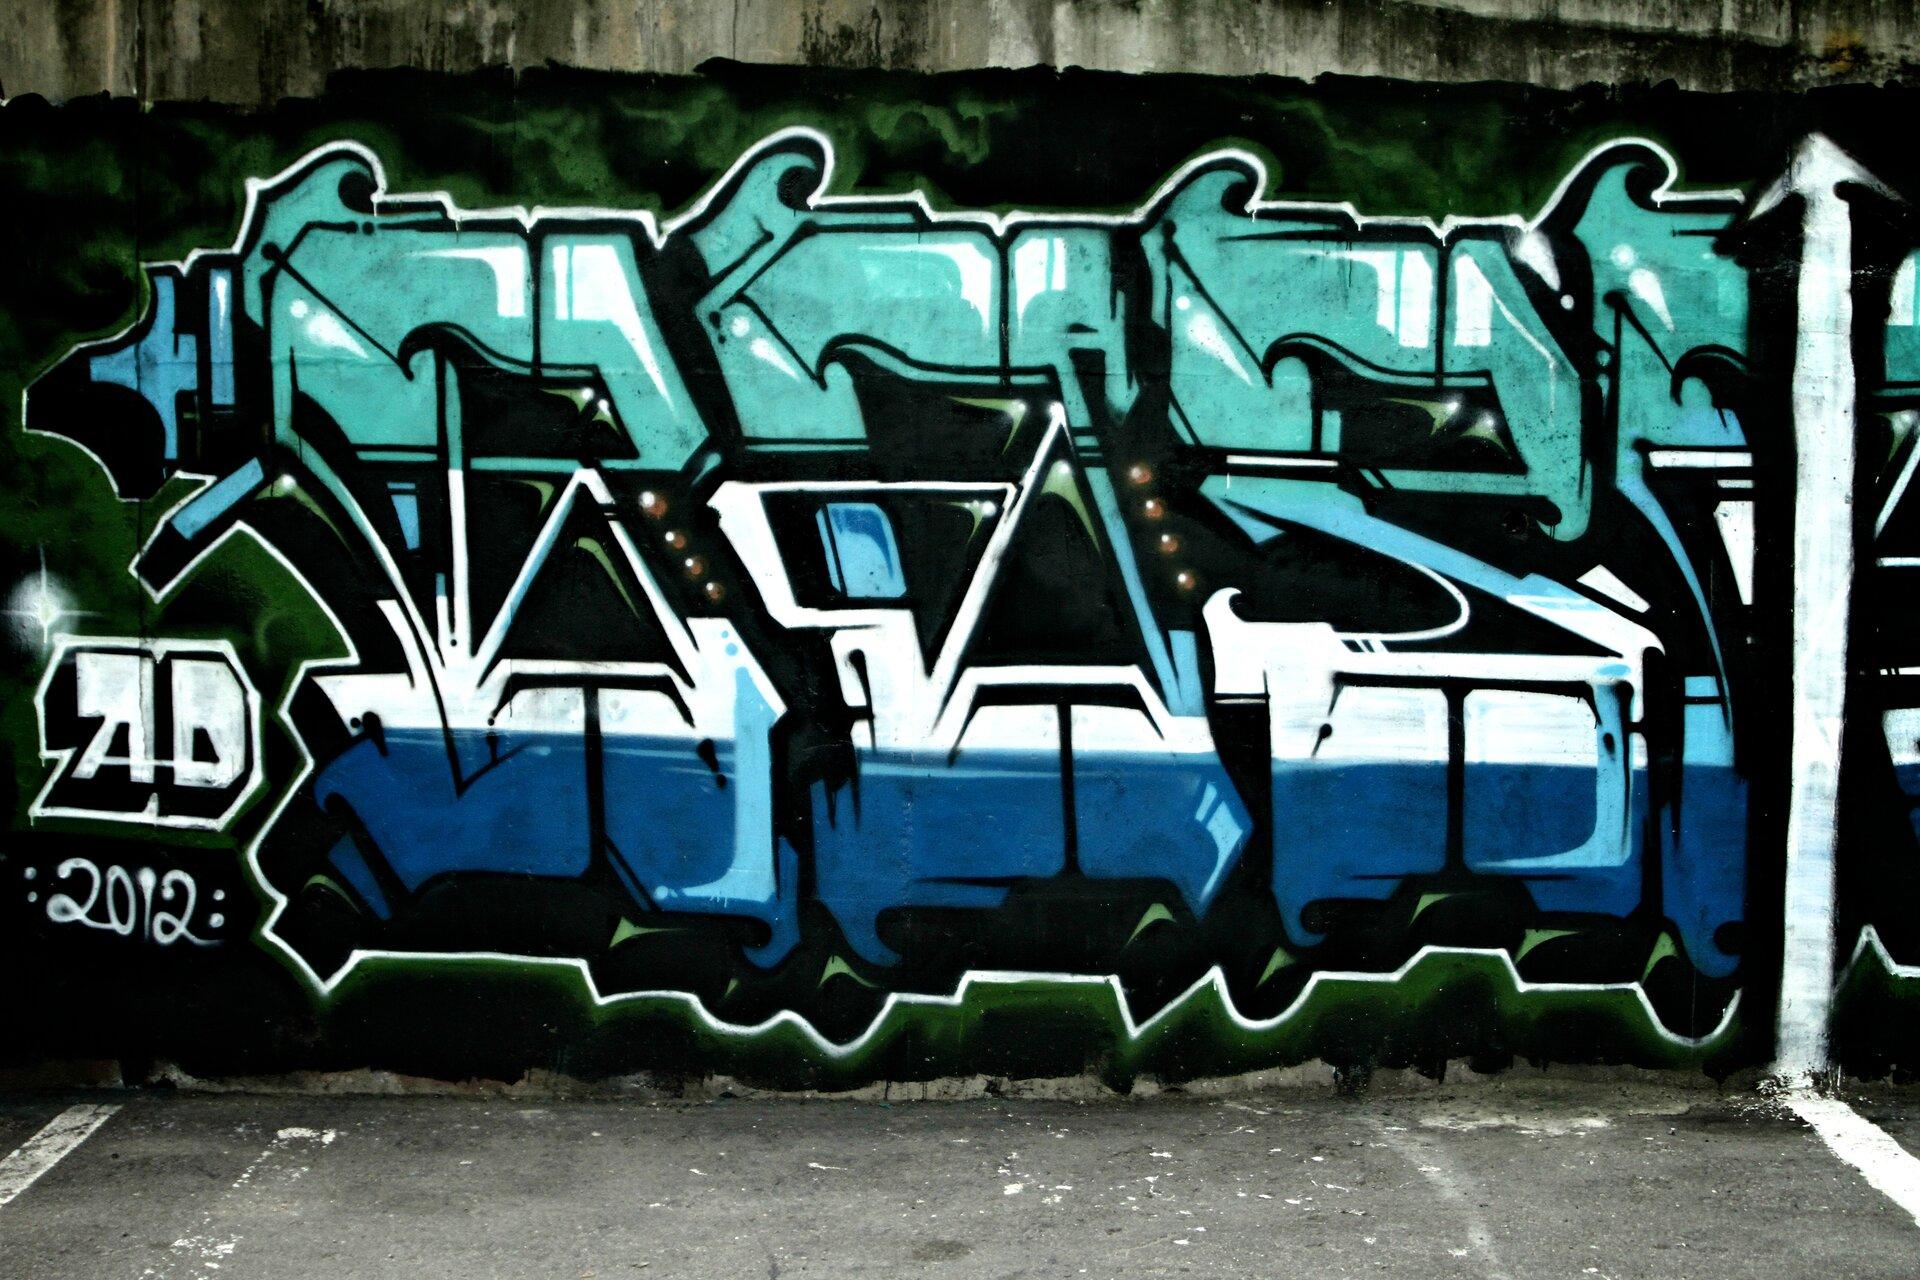 Ilustracja przedstawia napis S.O.S zamieszczony na ścianie. Wykonane jest wkolorach od turkusu, białego, niebieskiego, oraz czarnego. Wlewym dolnym rogu, widnieje podpis: AD 2012.